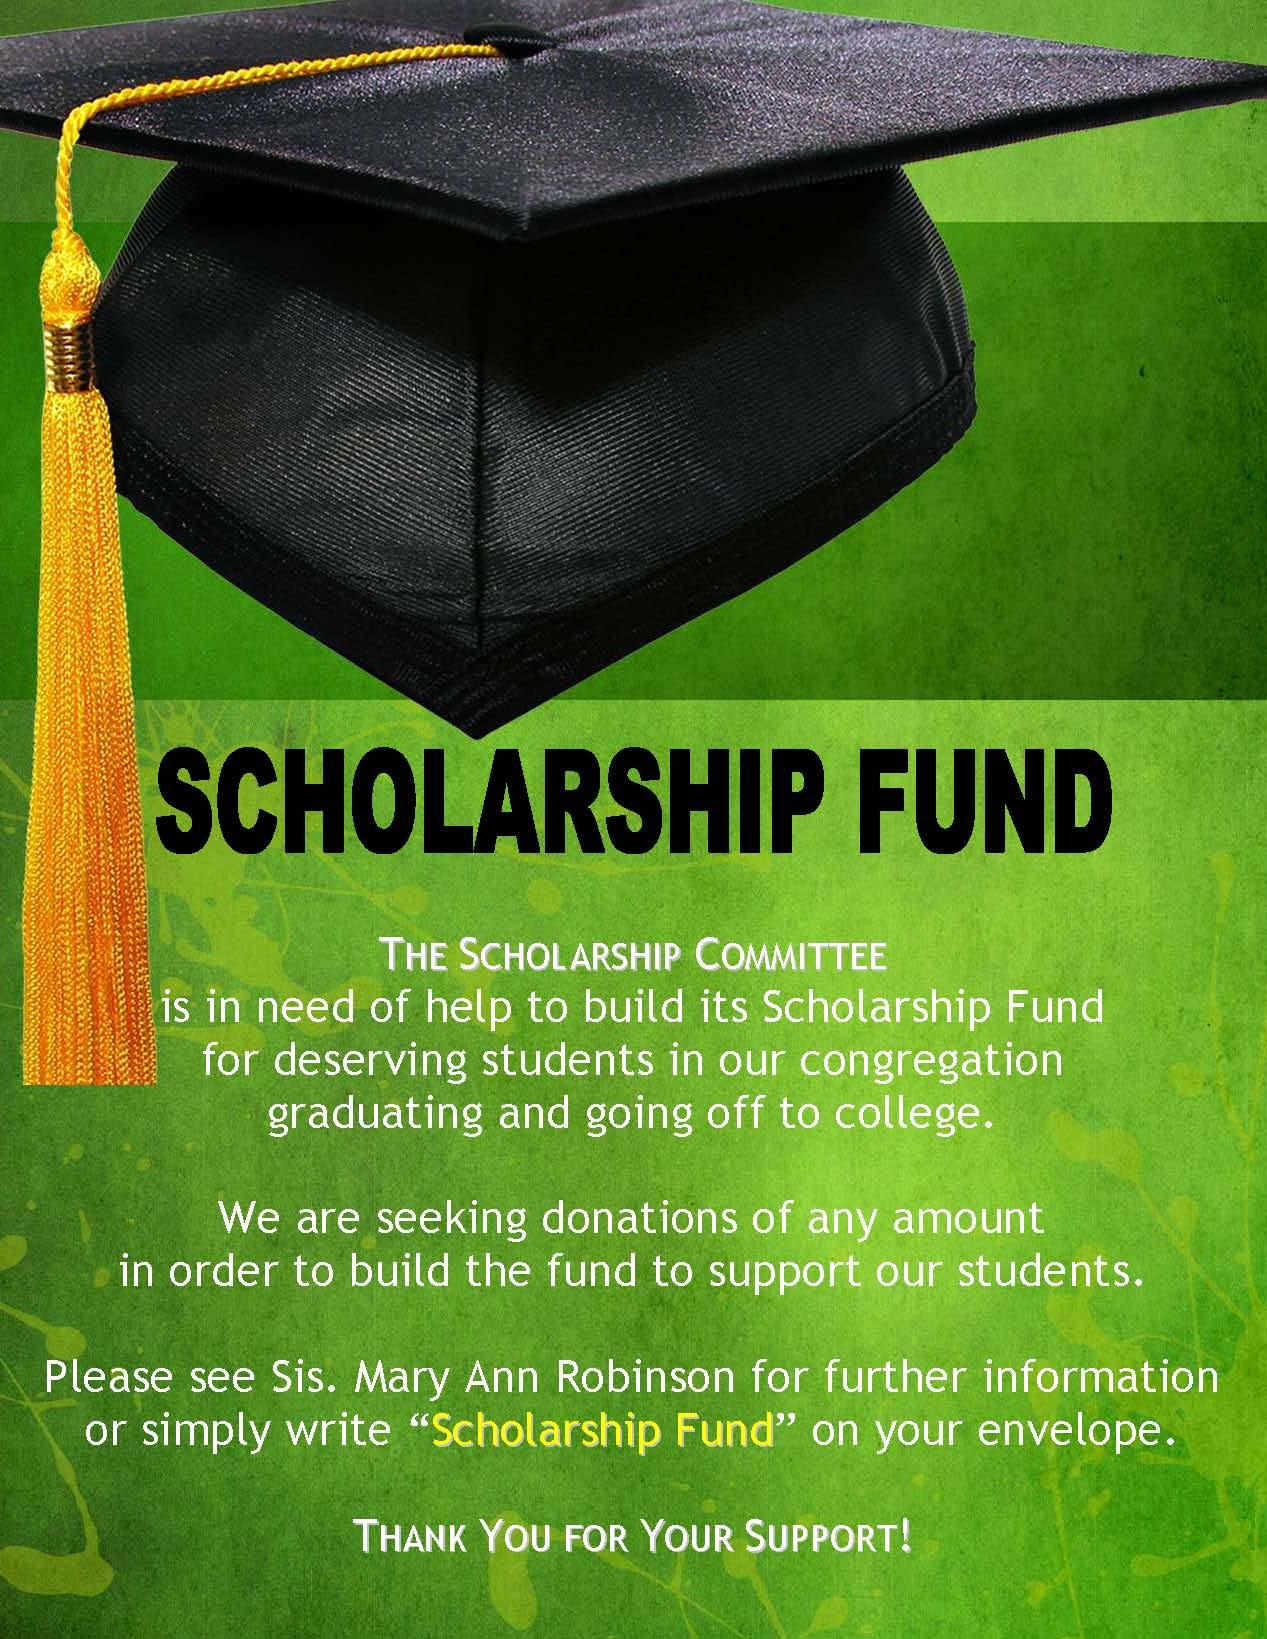 scholarshipfund